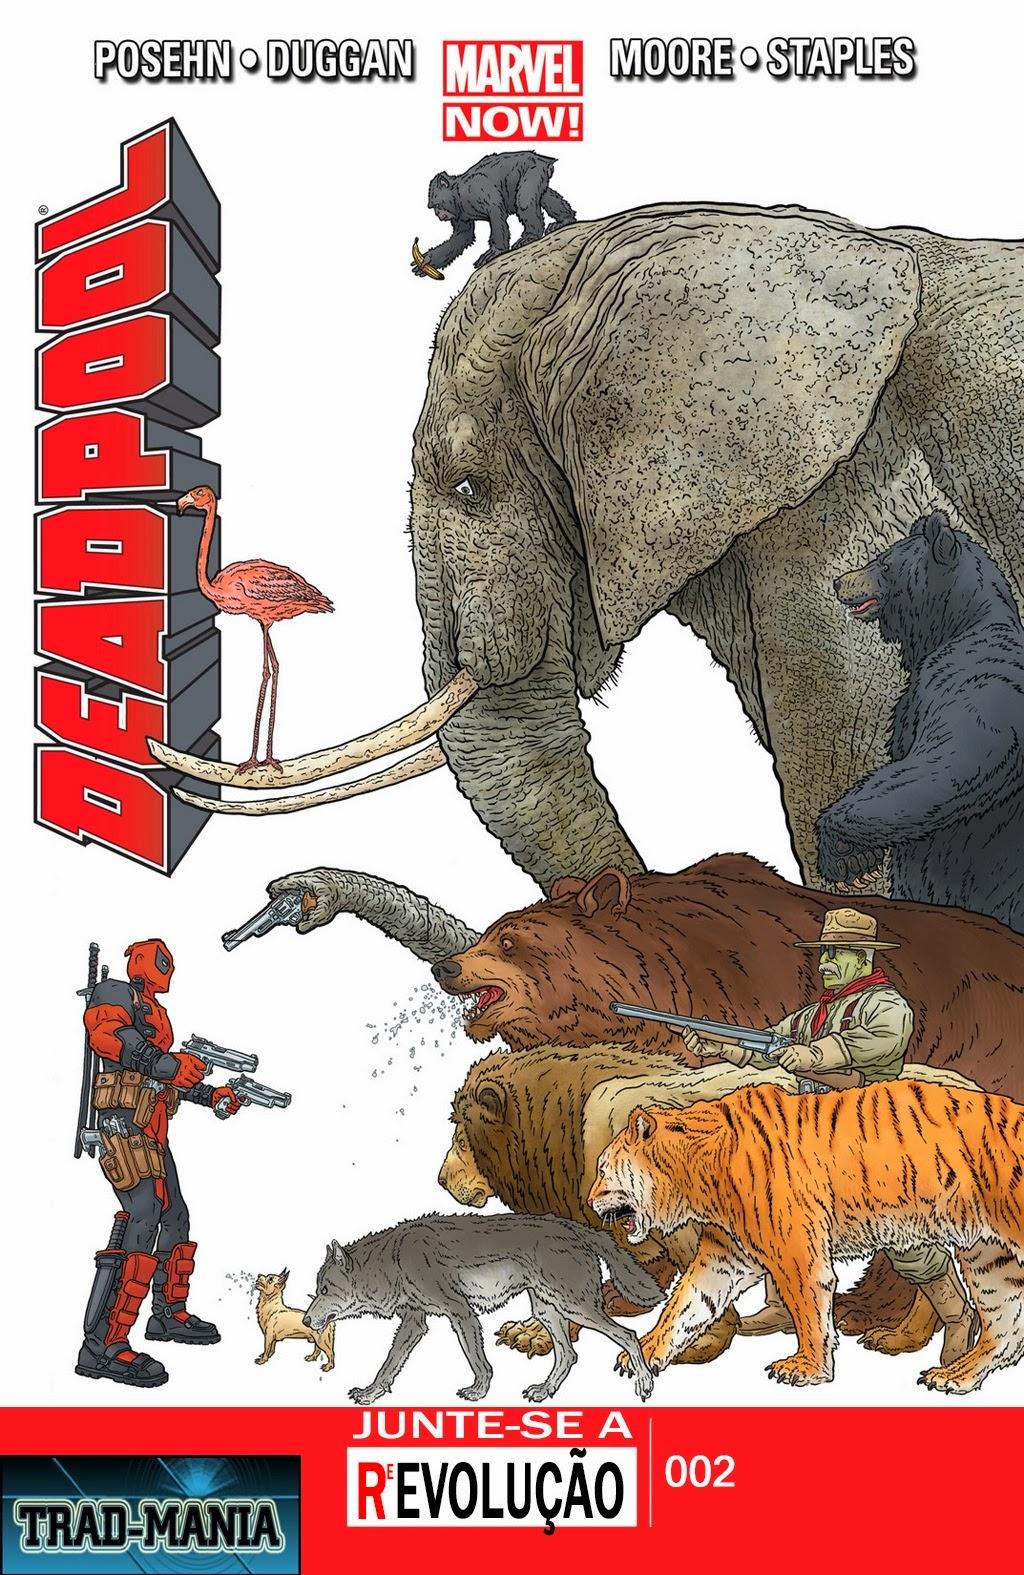 Nova Marvel! Deadpool v5 #2